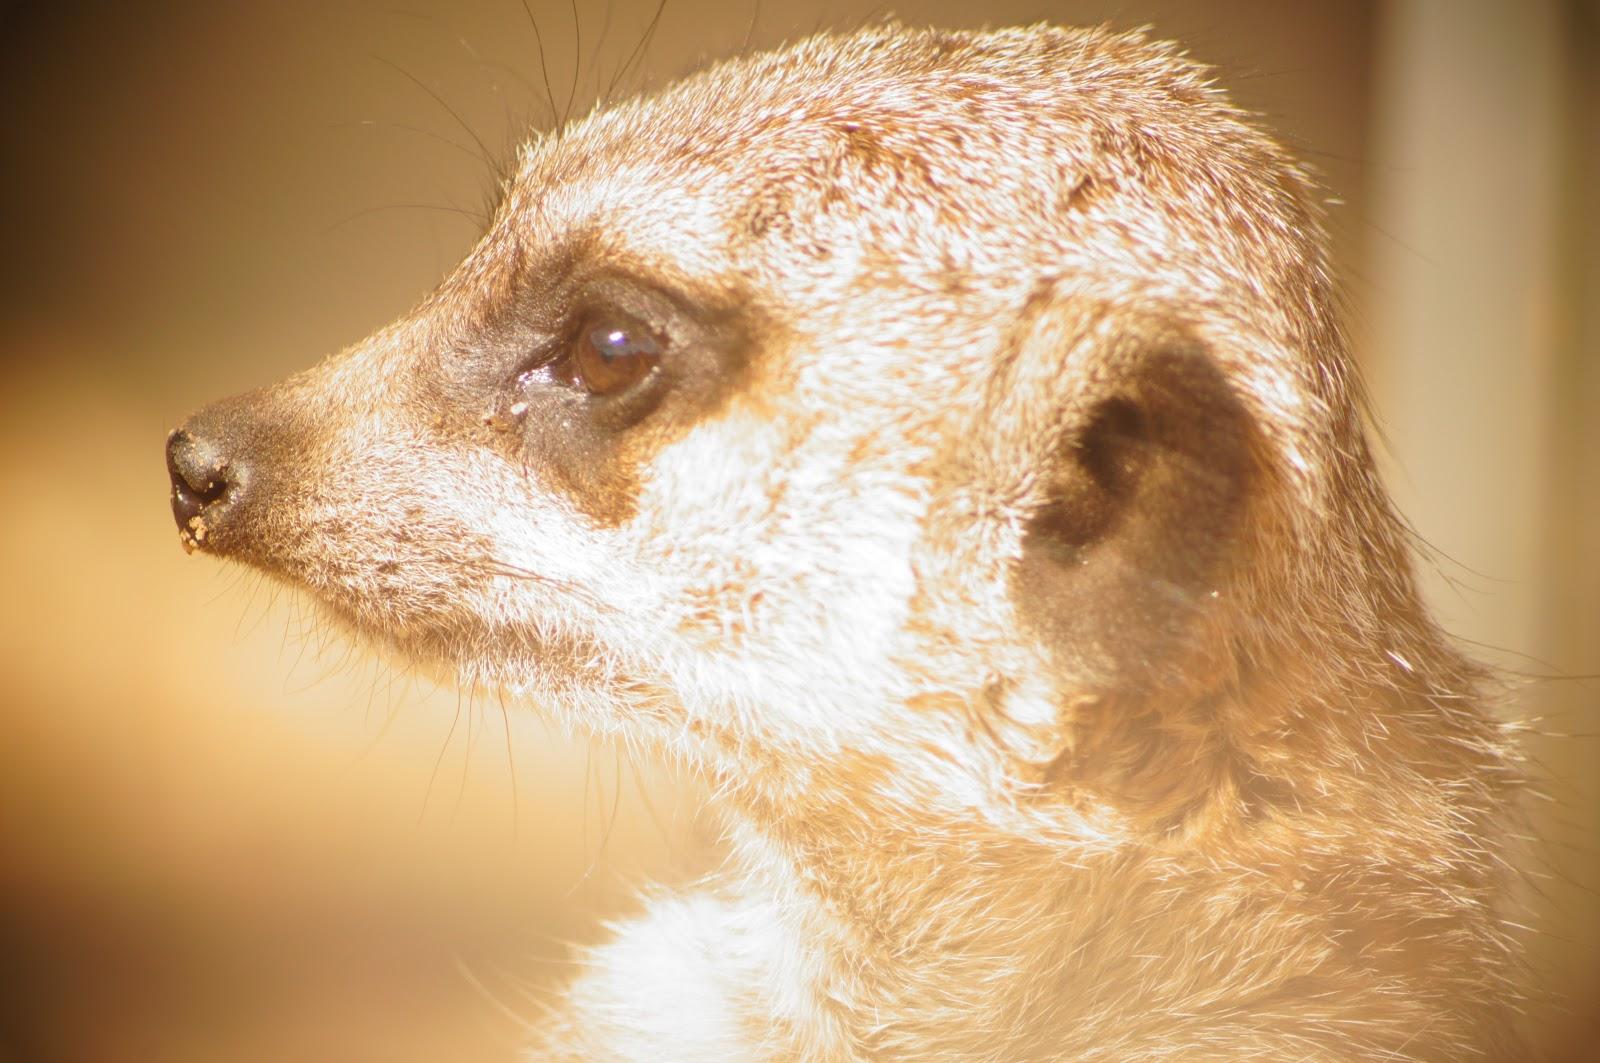 meerkat free image